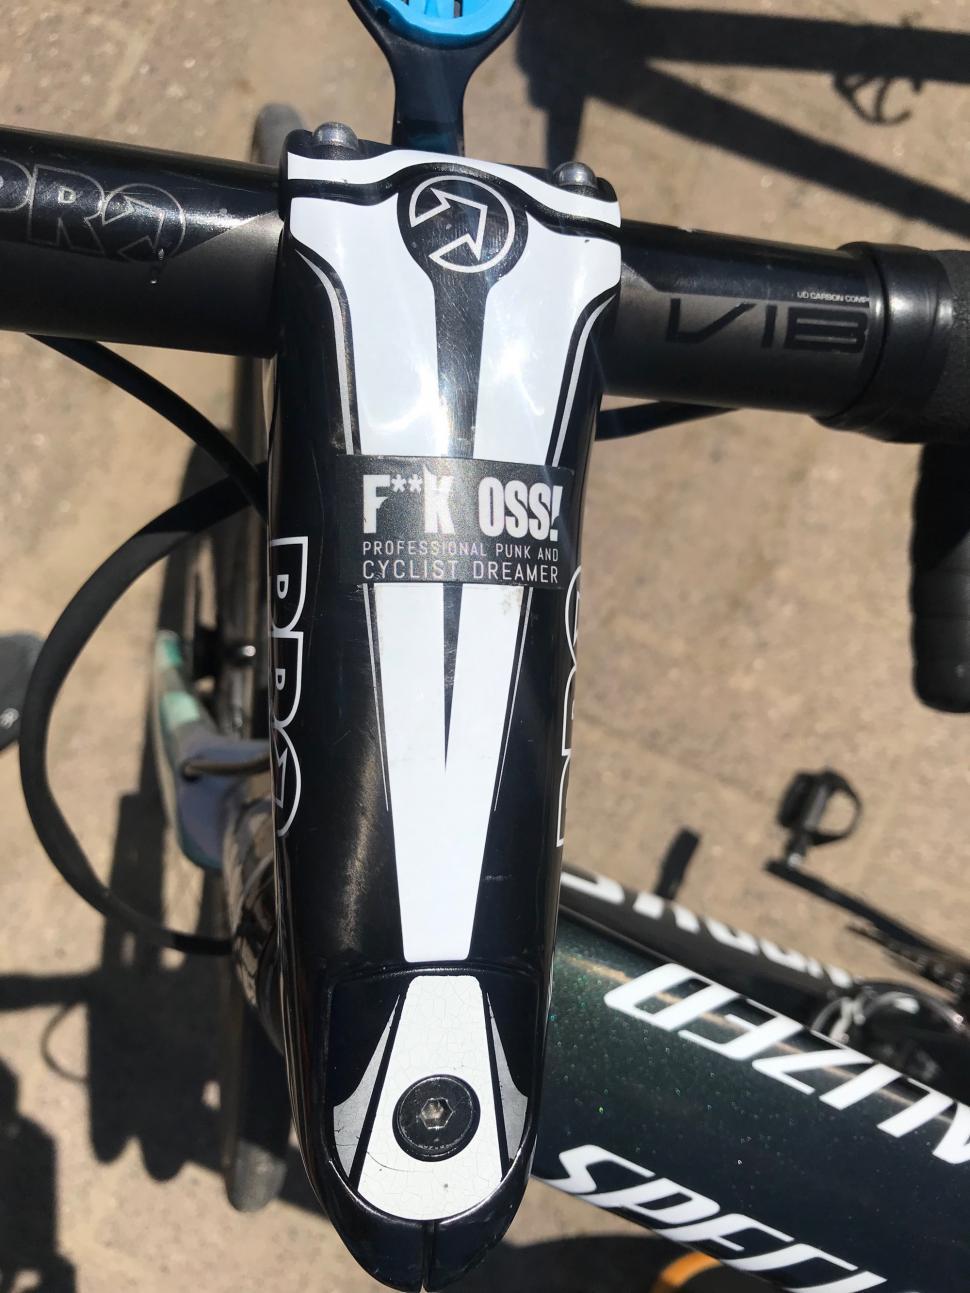 Tour de France 2019 Daniel Oss stem - 1.jpg